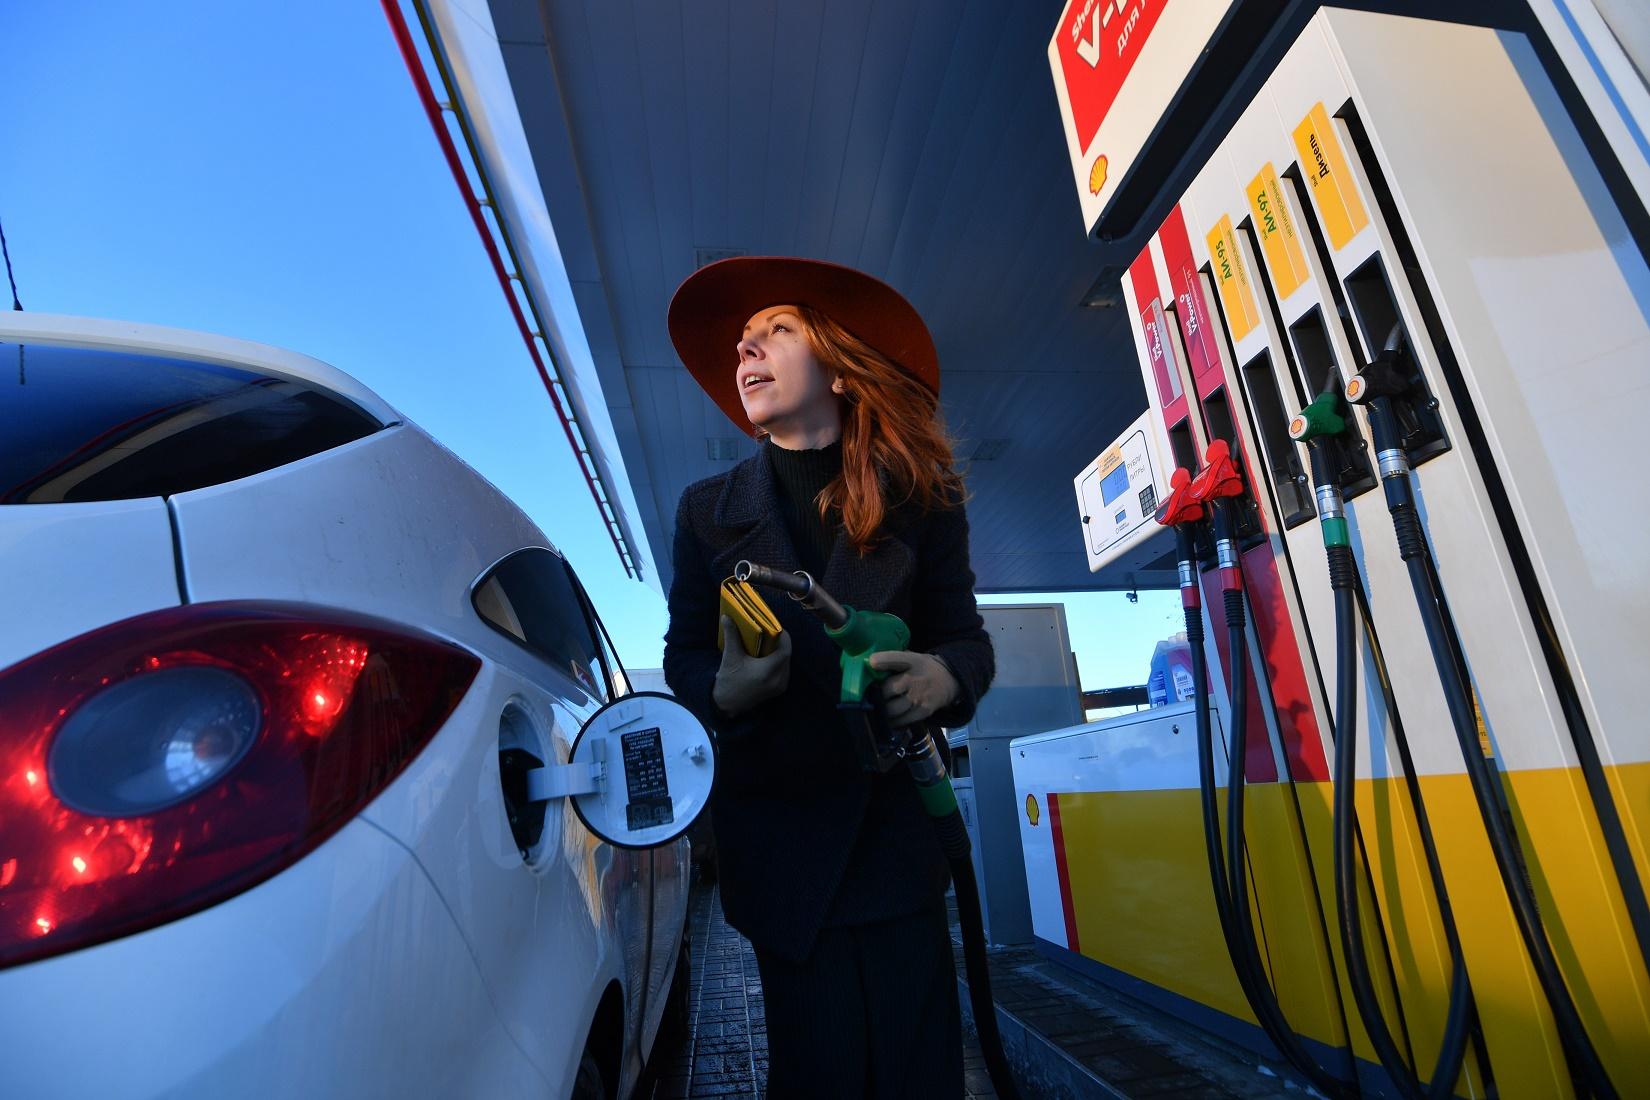 Вконце весны  рост цен разработчиков  бензина составил около  2,5% - Росстат